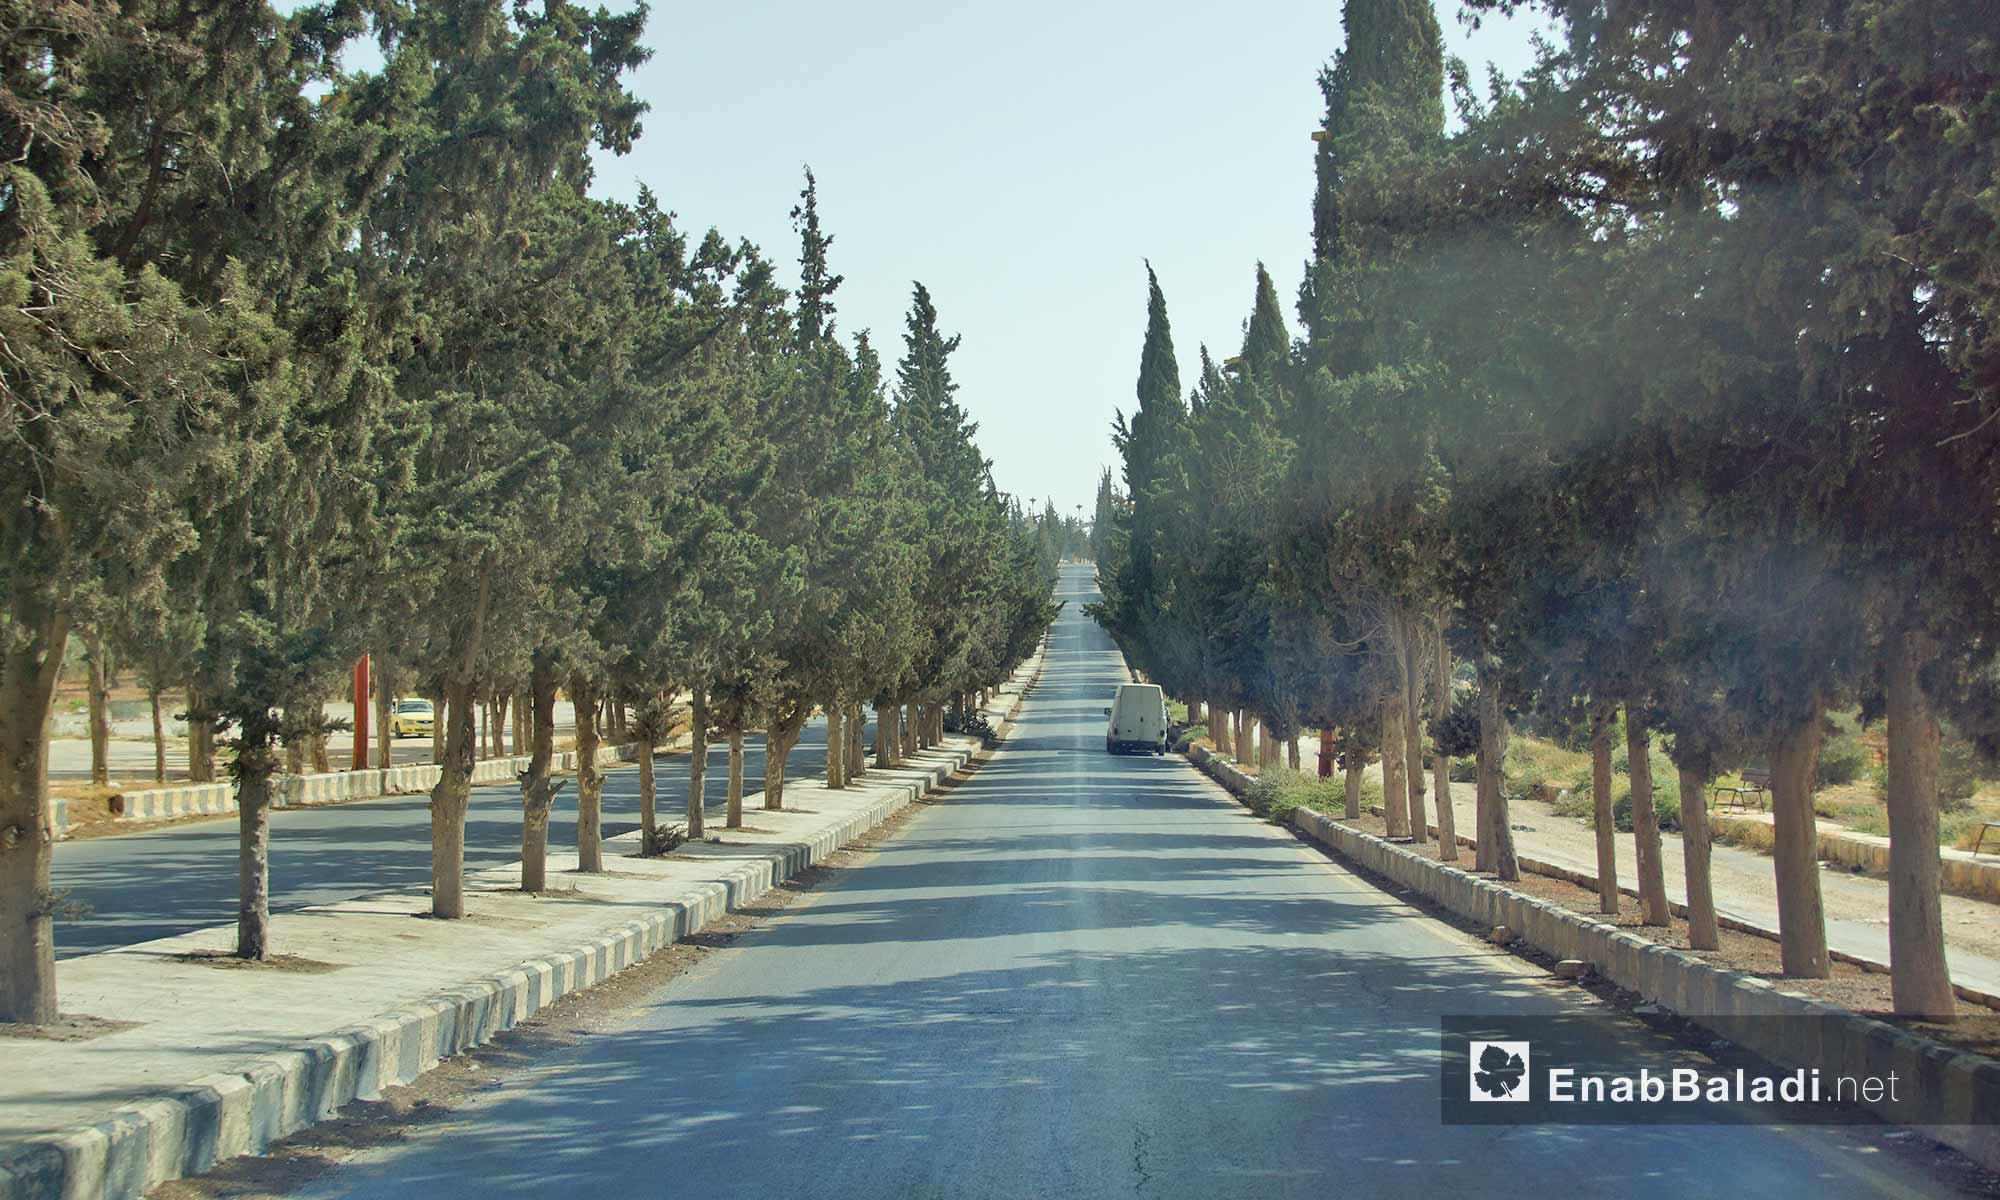 طريق أريحا آخر مدينة إدلب - 14 تشرين الأول 2016 (عنب بلدي)